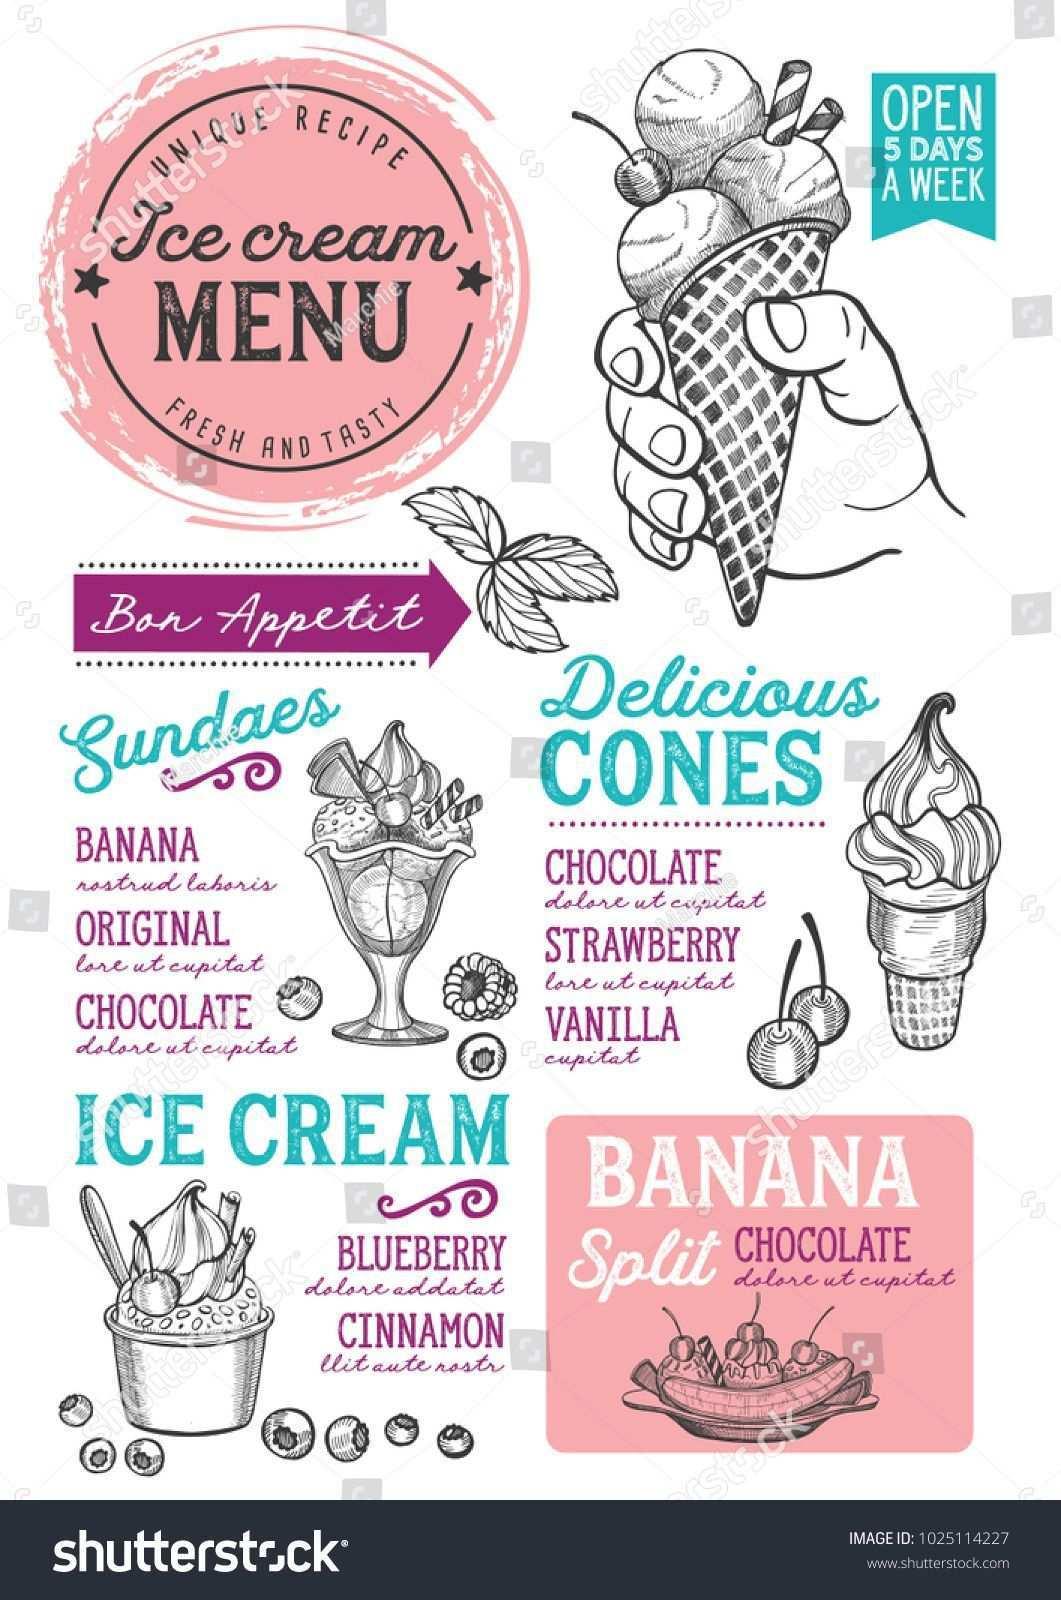 Ice Cream Restaurant Menu Vector Dessert Food Flyer For Bar And Cafe Design Template With Vintage Hand Drawn Illustr Menu De Helados Diseno De Helado Helados